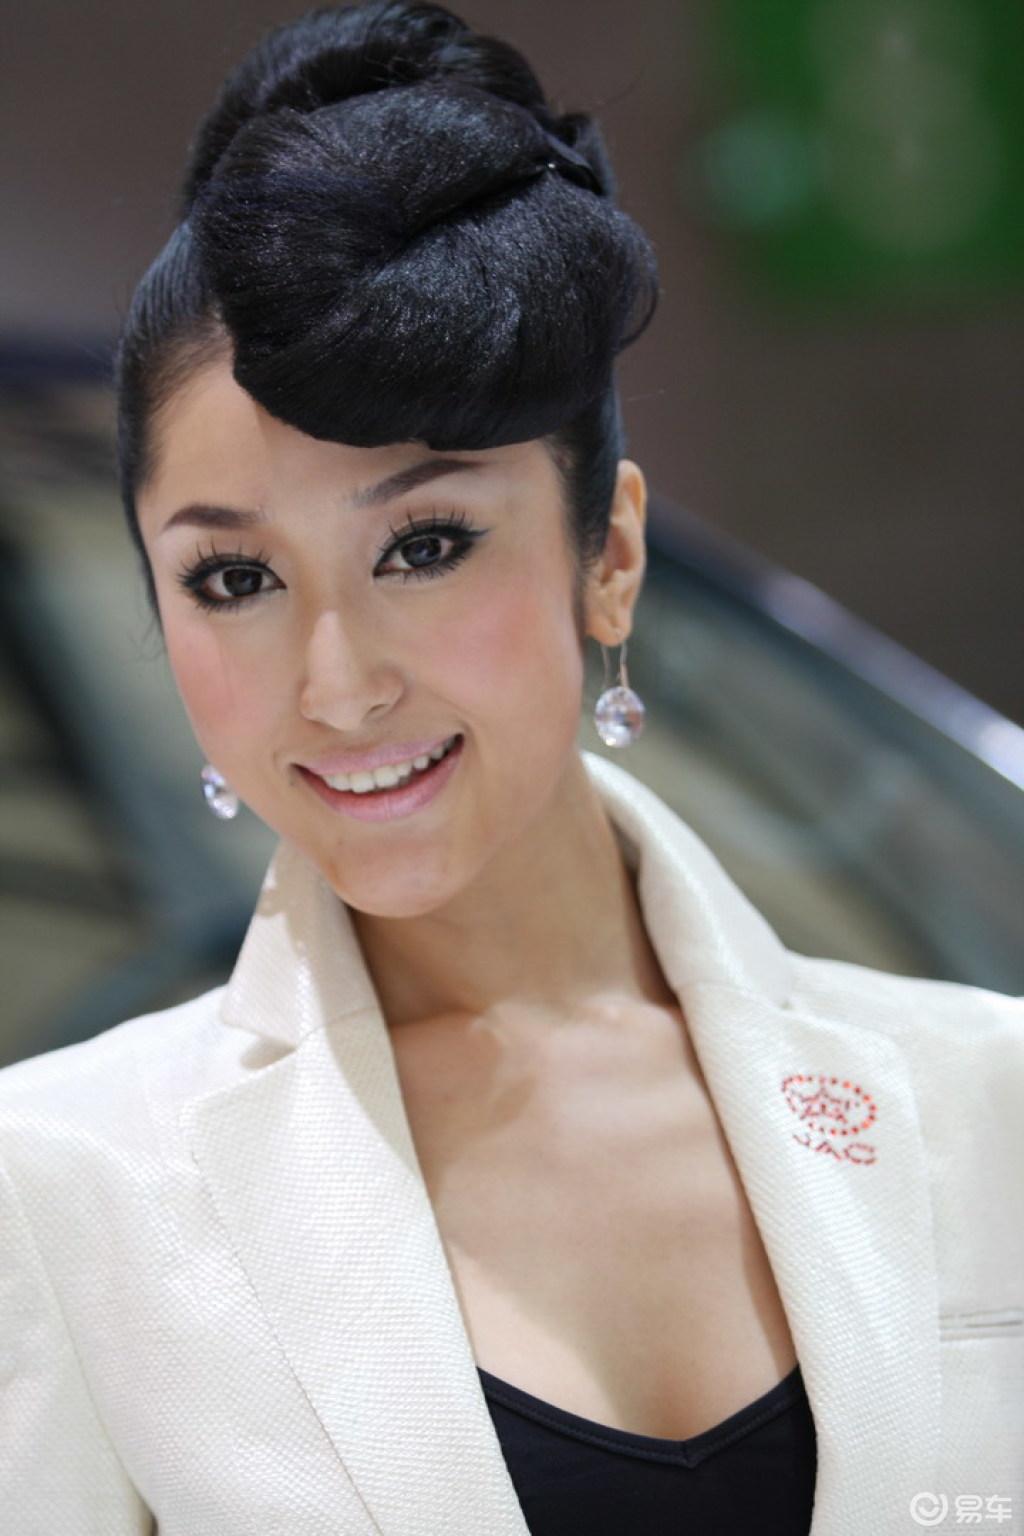 2009上海车展 车模美女 江淮美女车模 扎眼发髻; 古代未出阁女子发髻